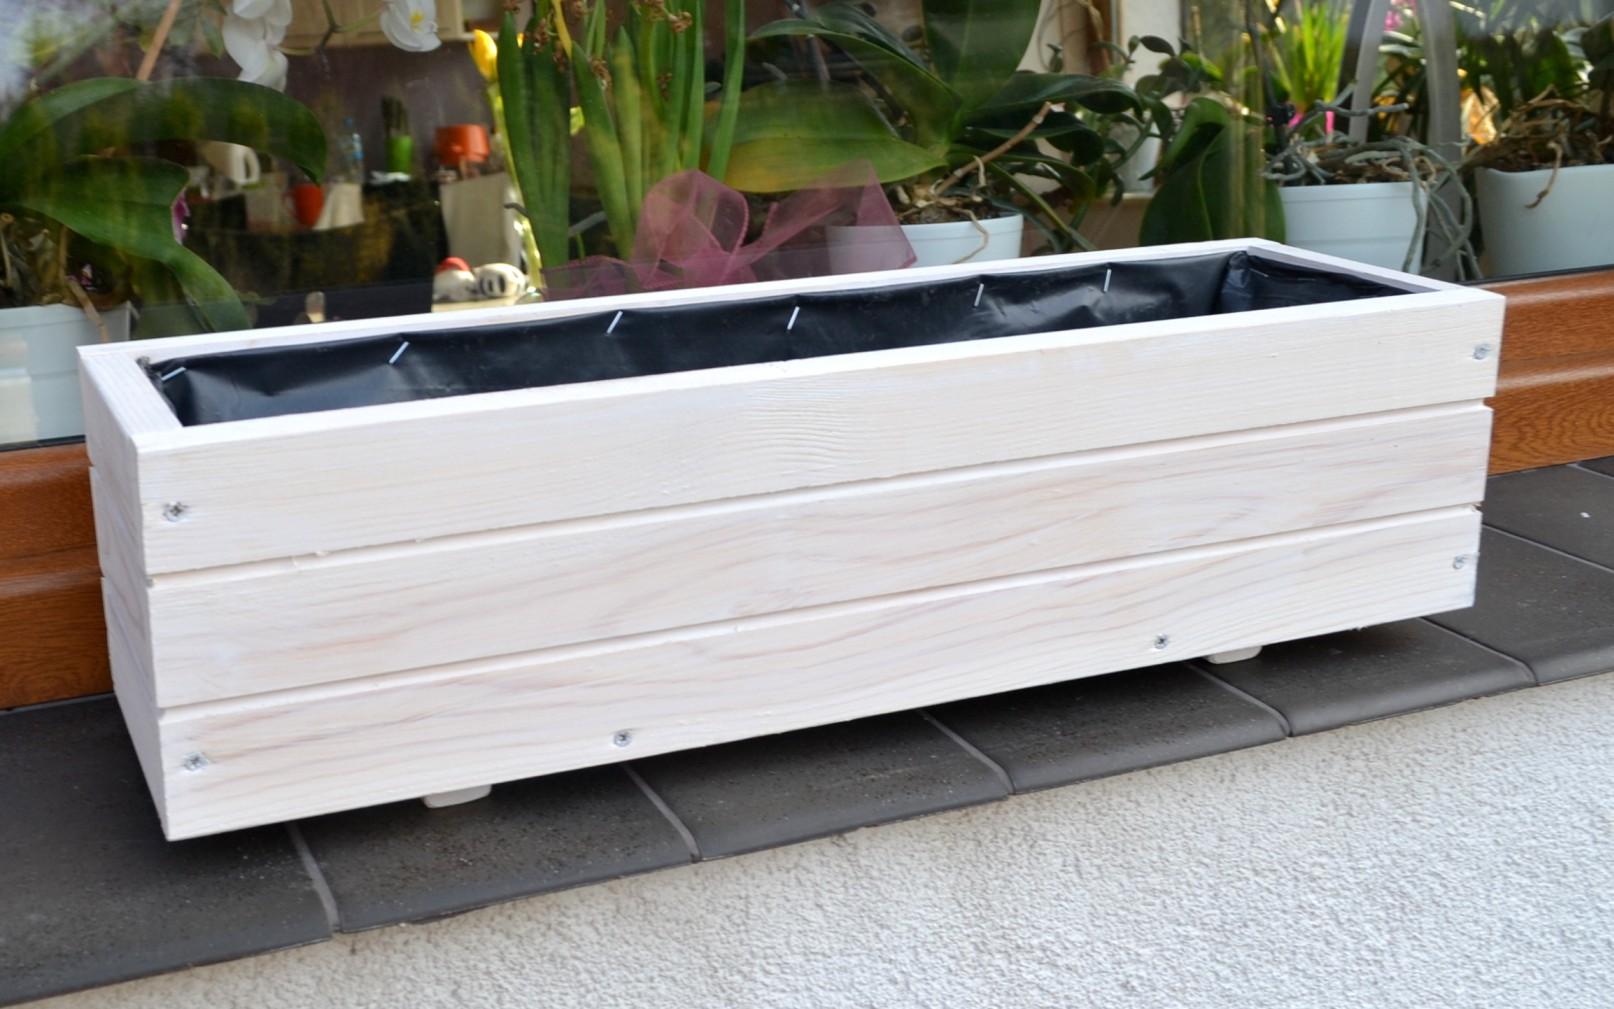 pflanzkübel holz d2 pflanzkasten 80/100 cm xxl blumenkasten